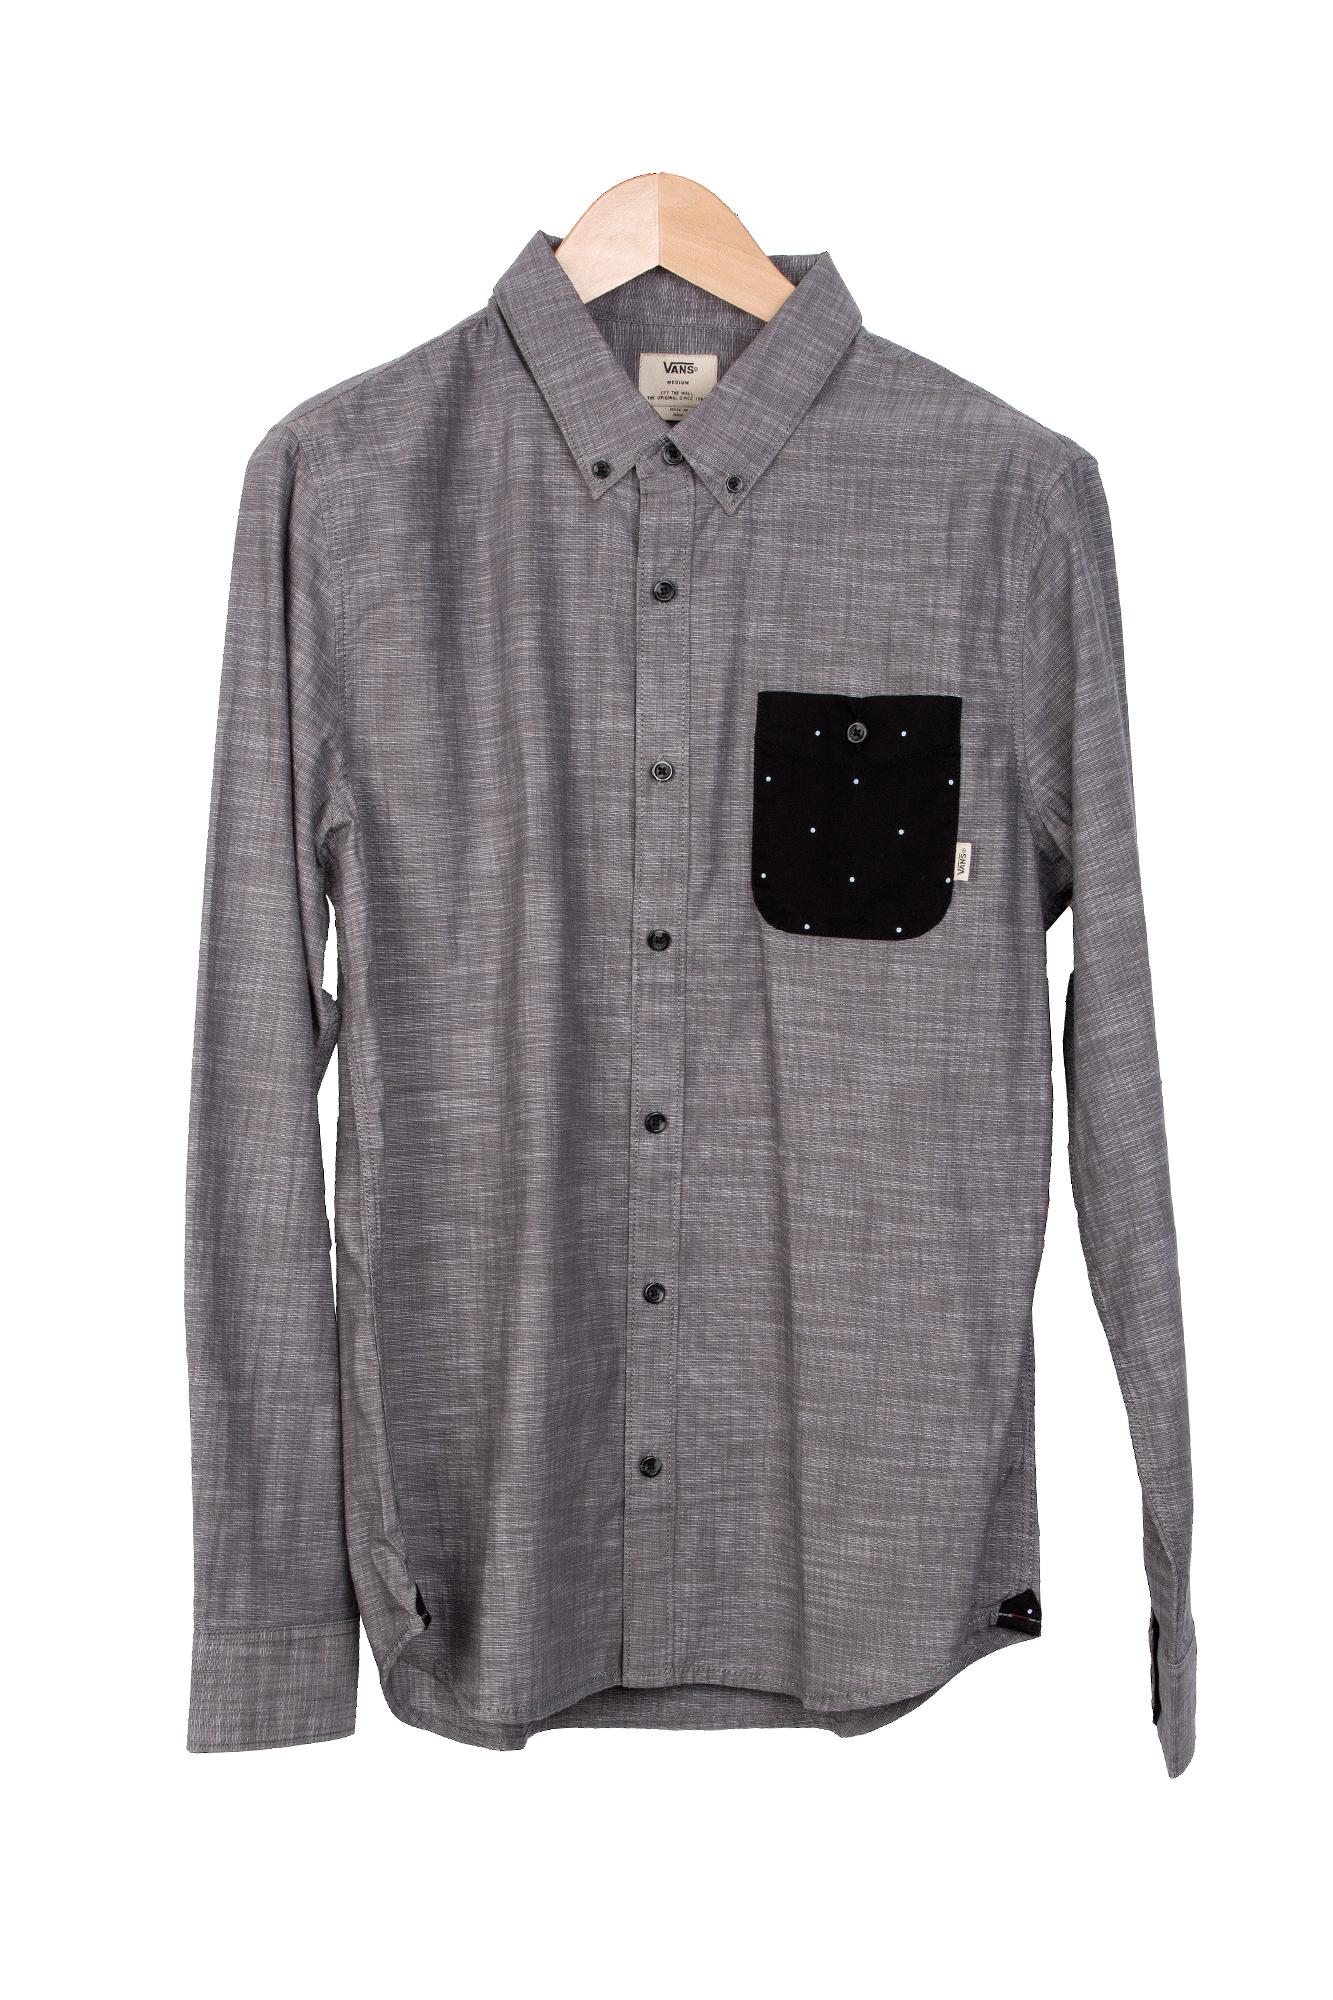 Koszula Vans Kelvin Shirt V2KJAF1 Koszule Odzież